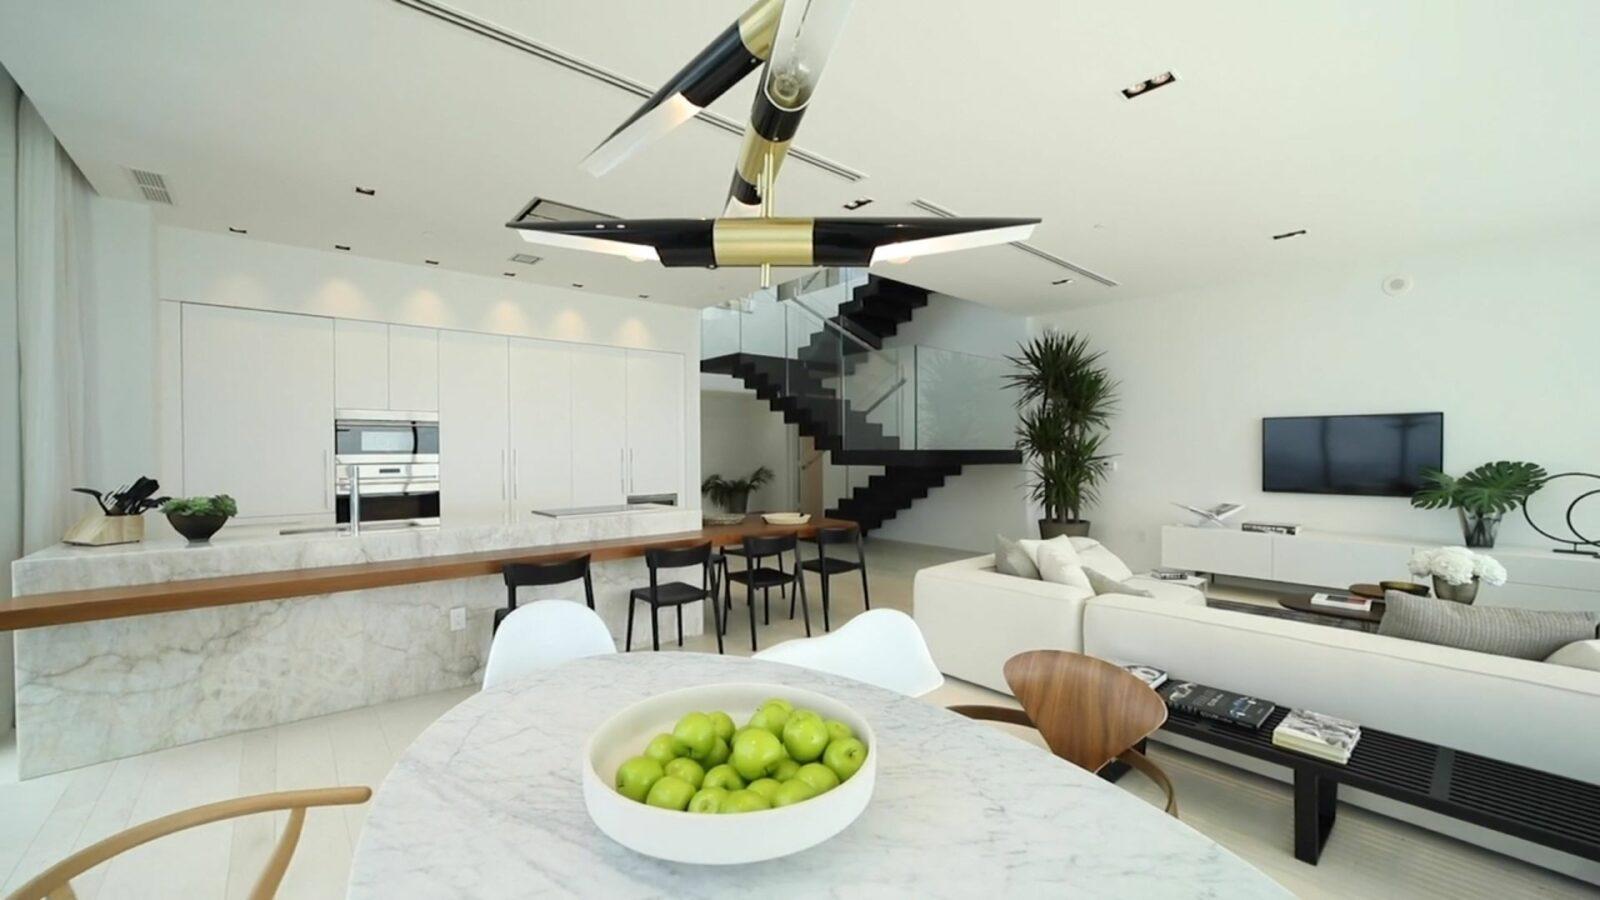 David Guetta's Miami penthouse at Paraiso Bay